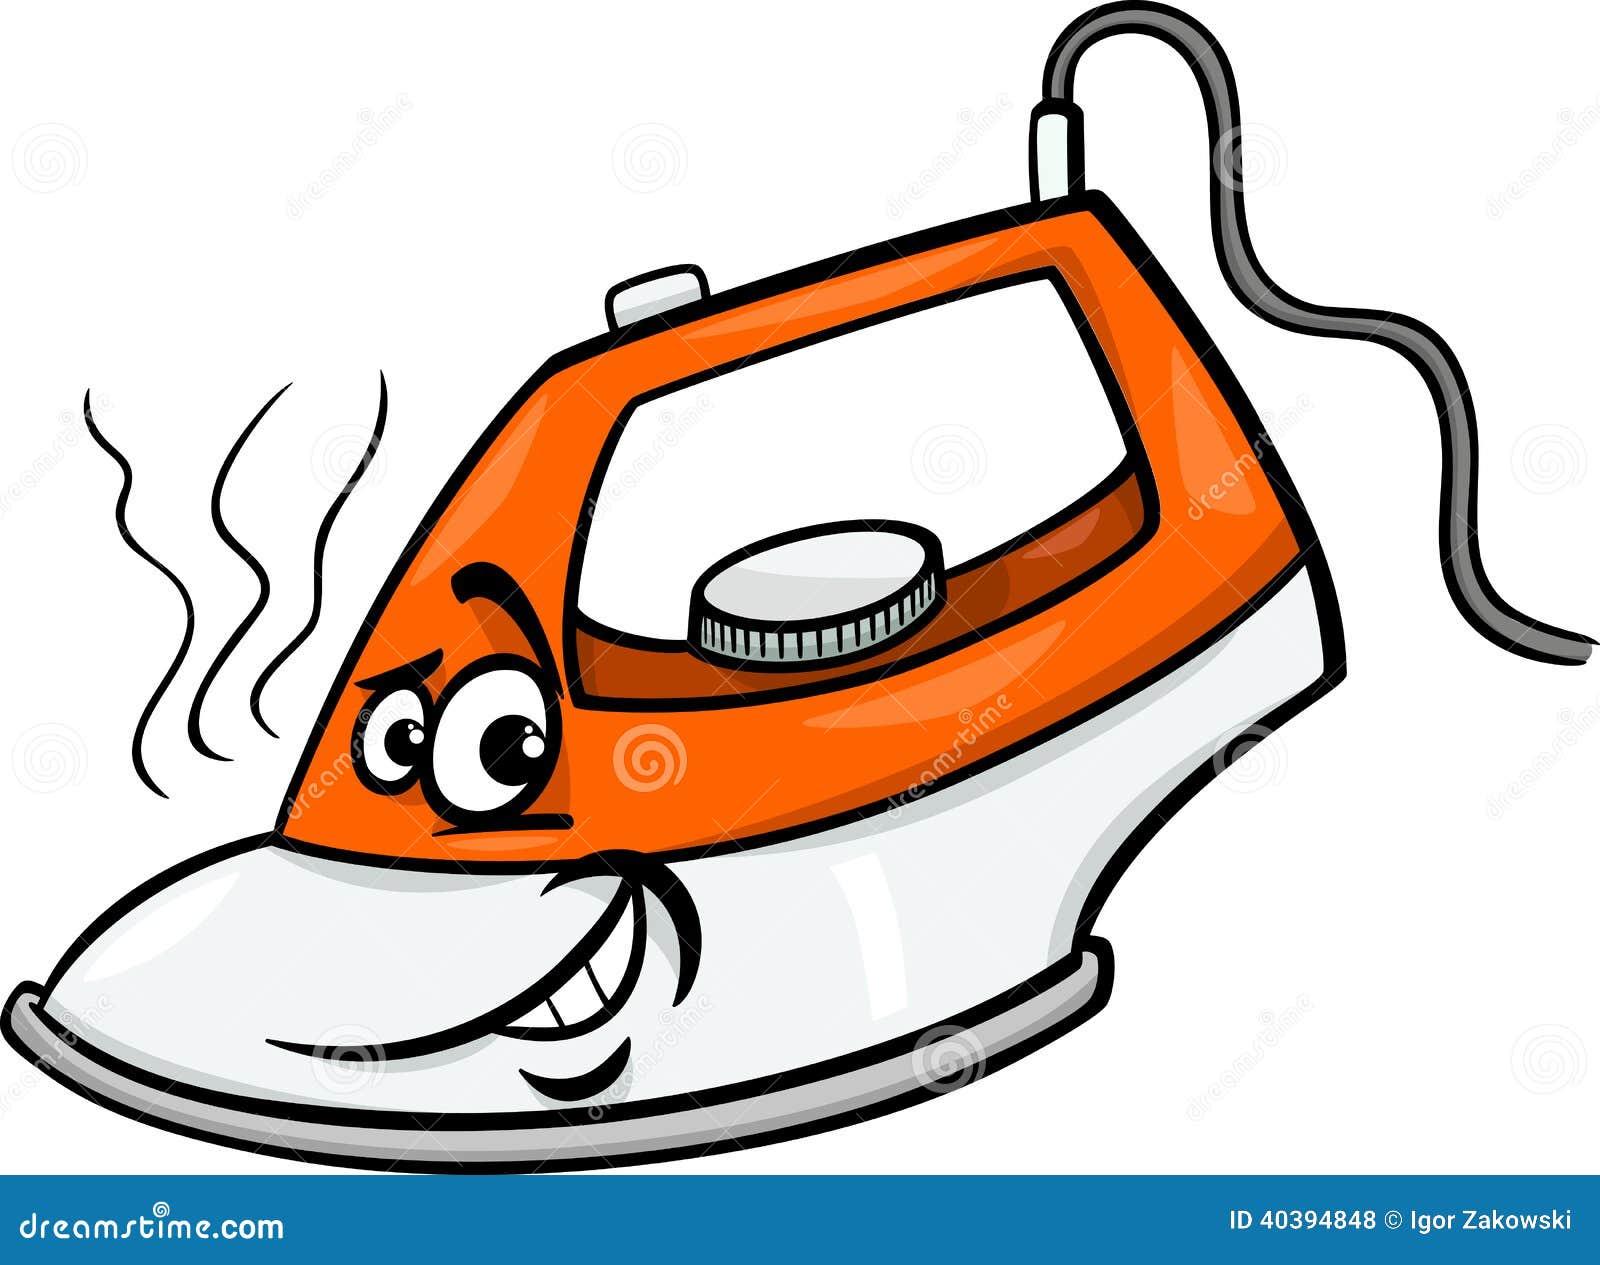 Hot Iron Cartoon Illustration Stock Vector Illustration Of